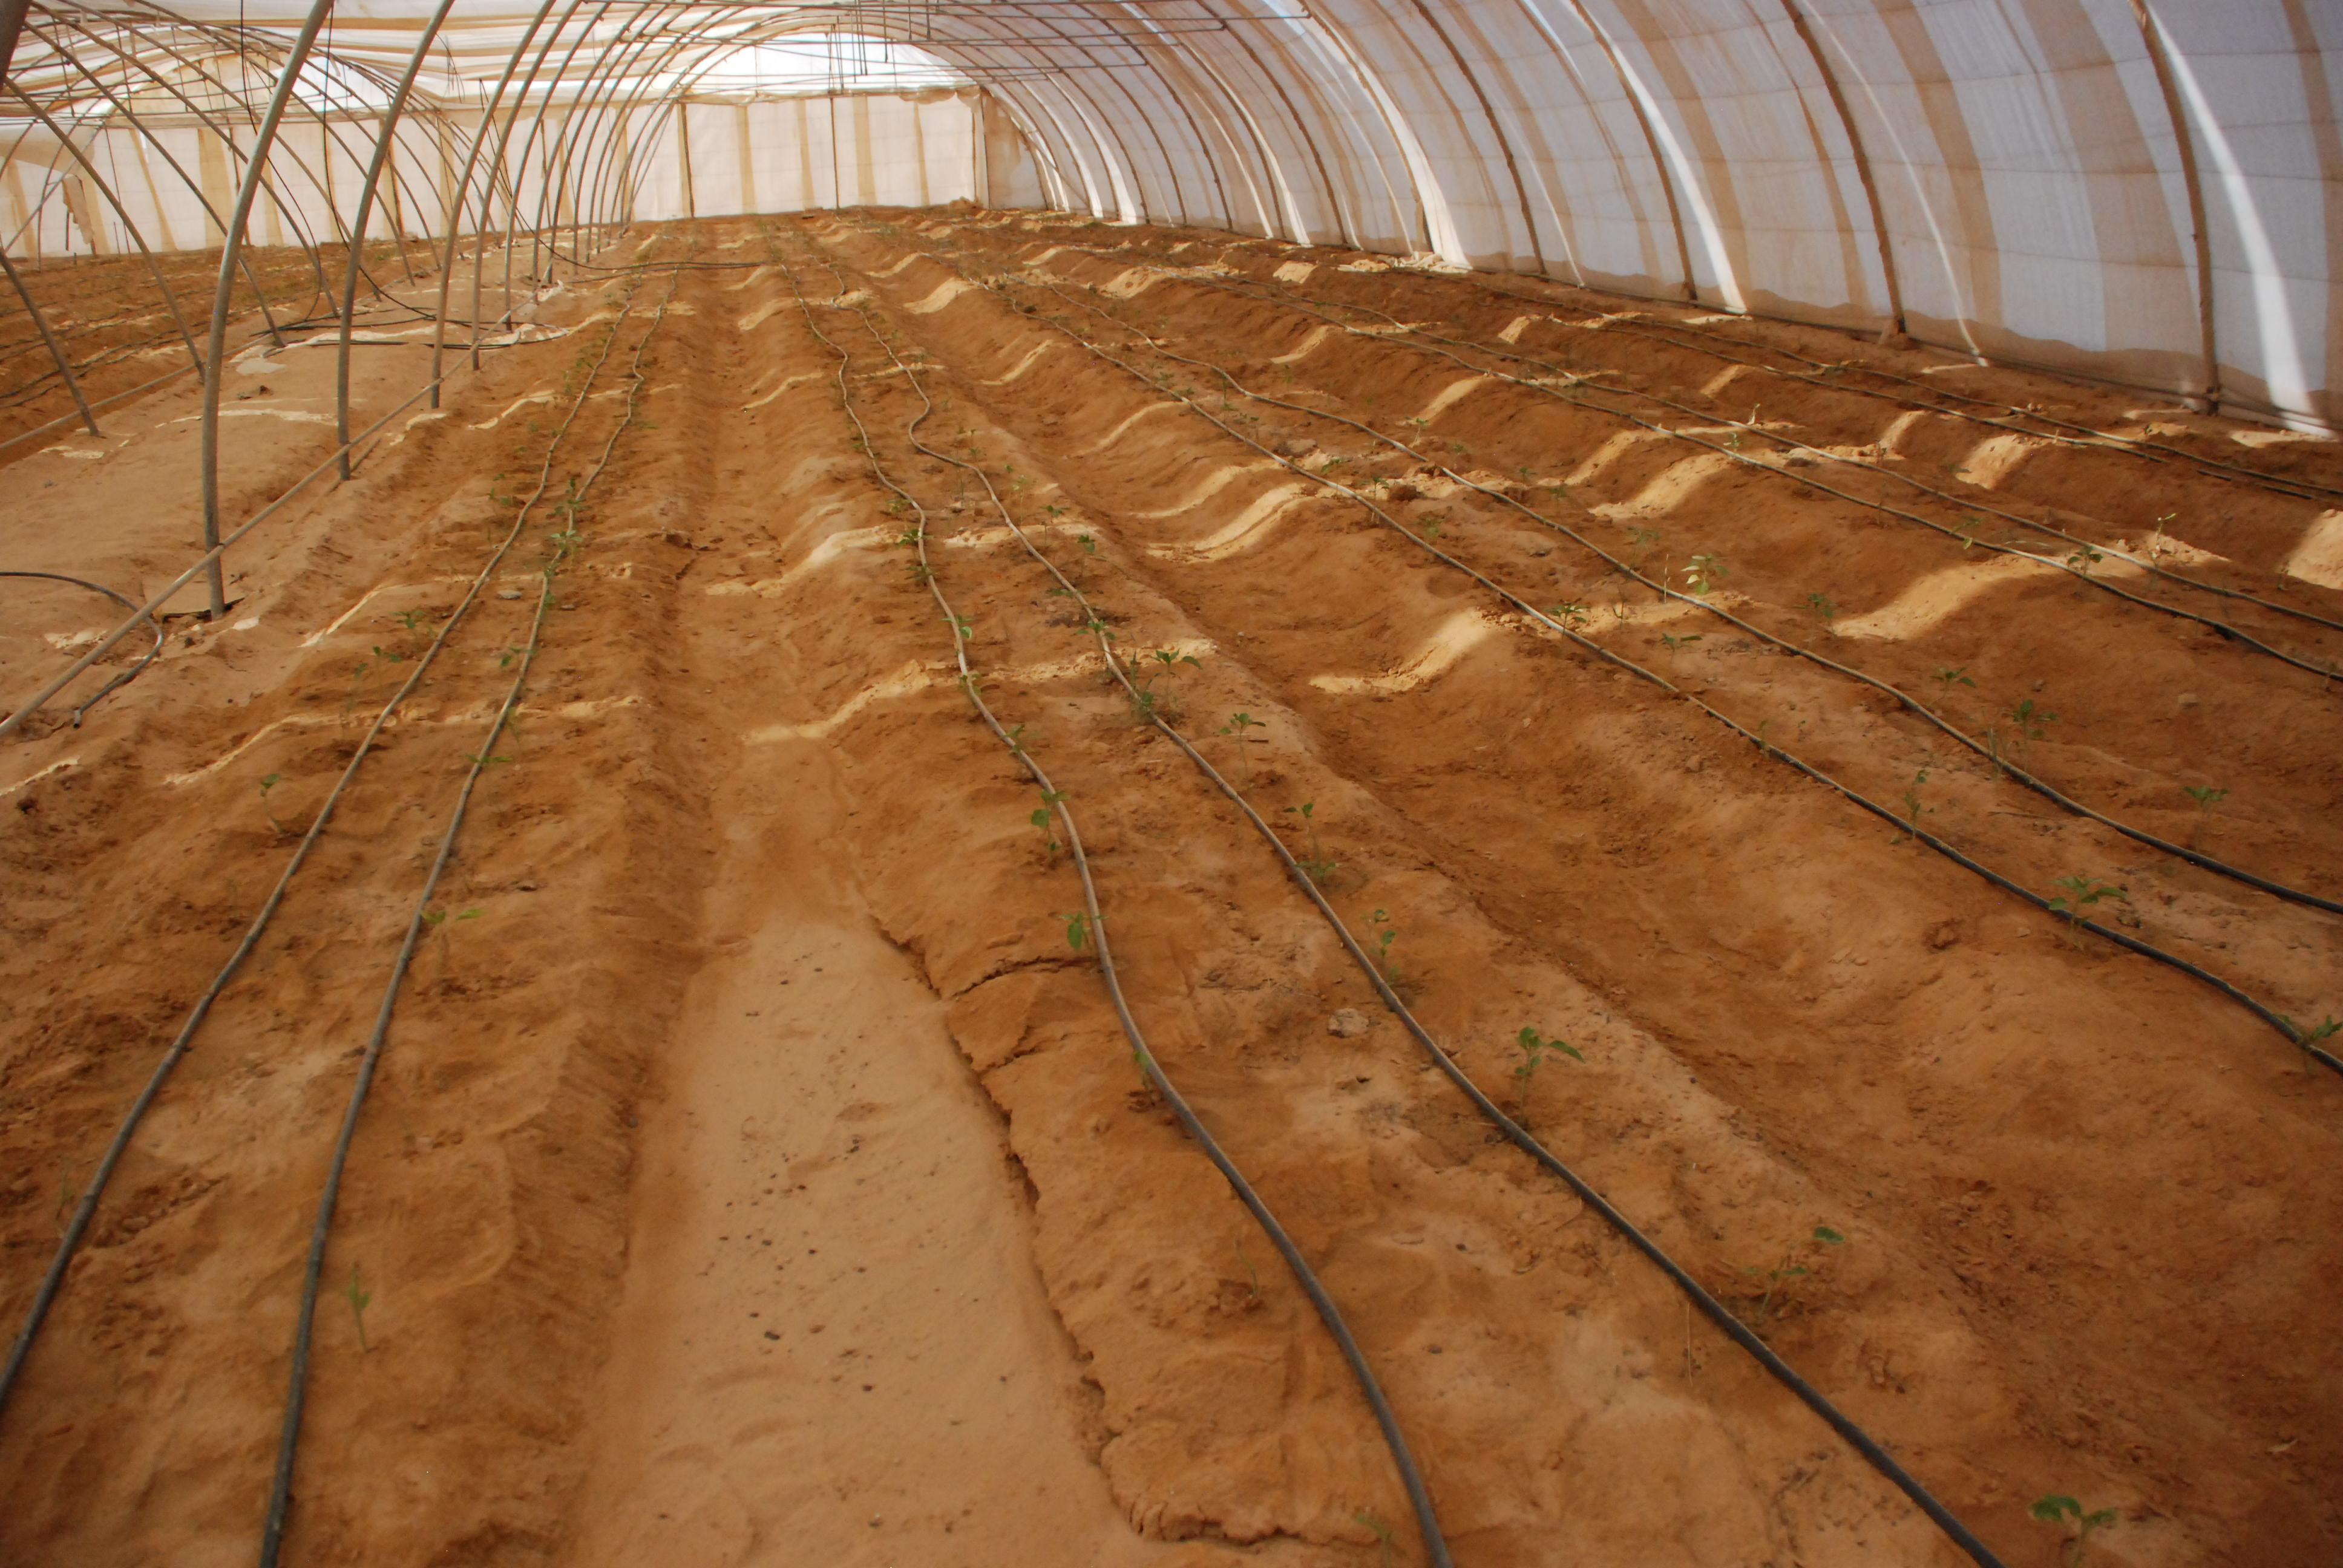 المرحلة الأولى من مشروع الـ20 ألف فدان بغرب غرب المنيا  (10)